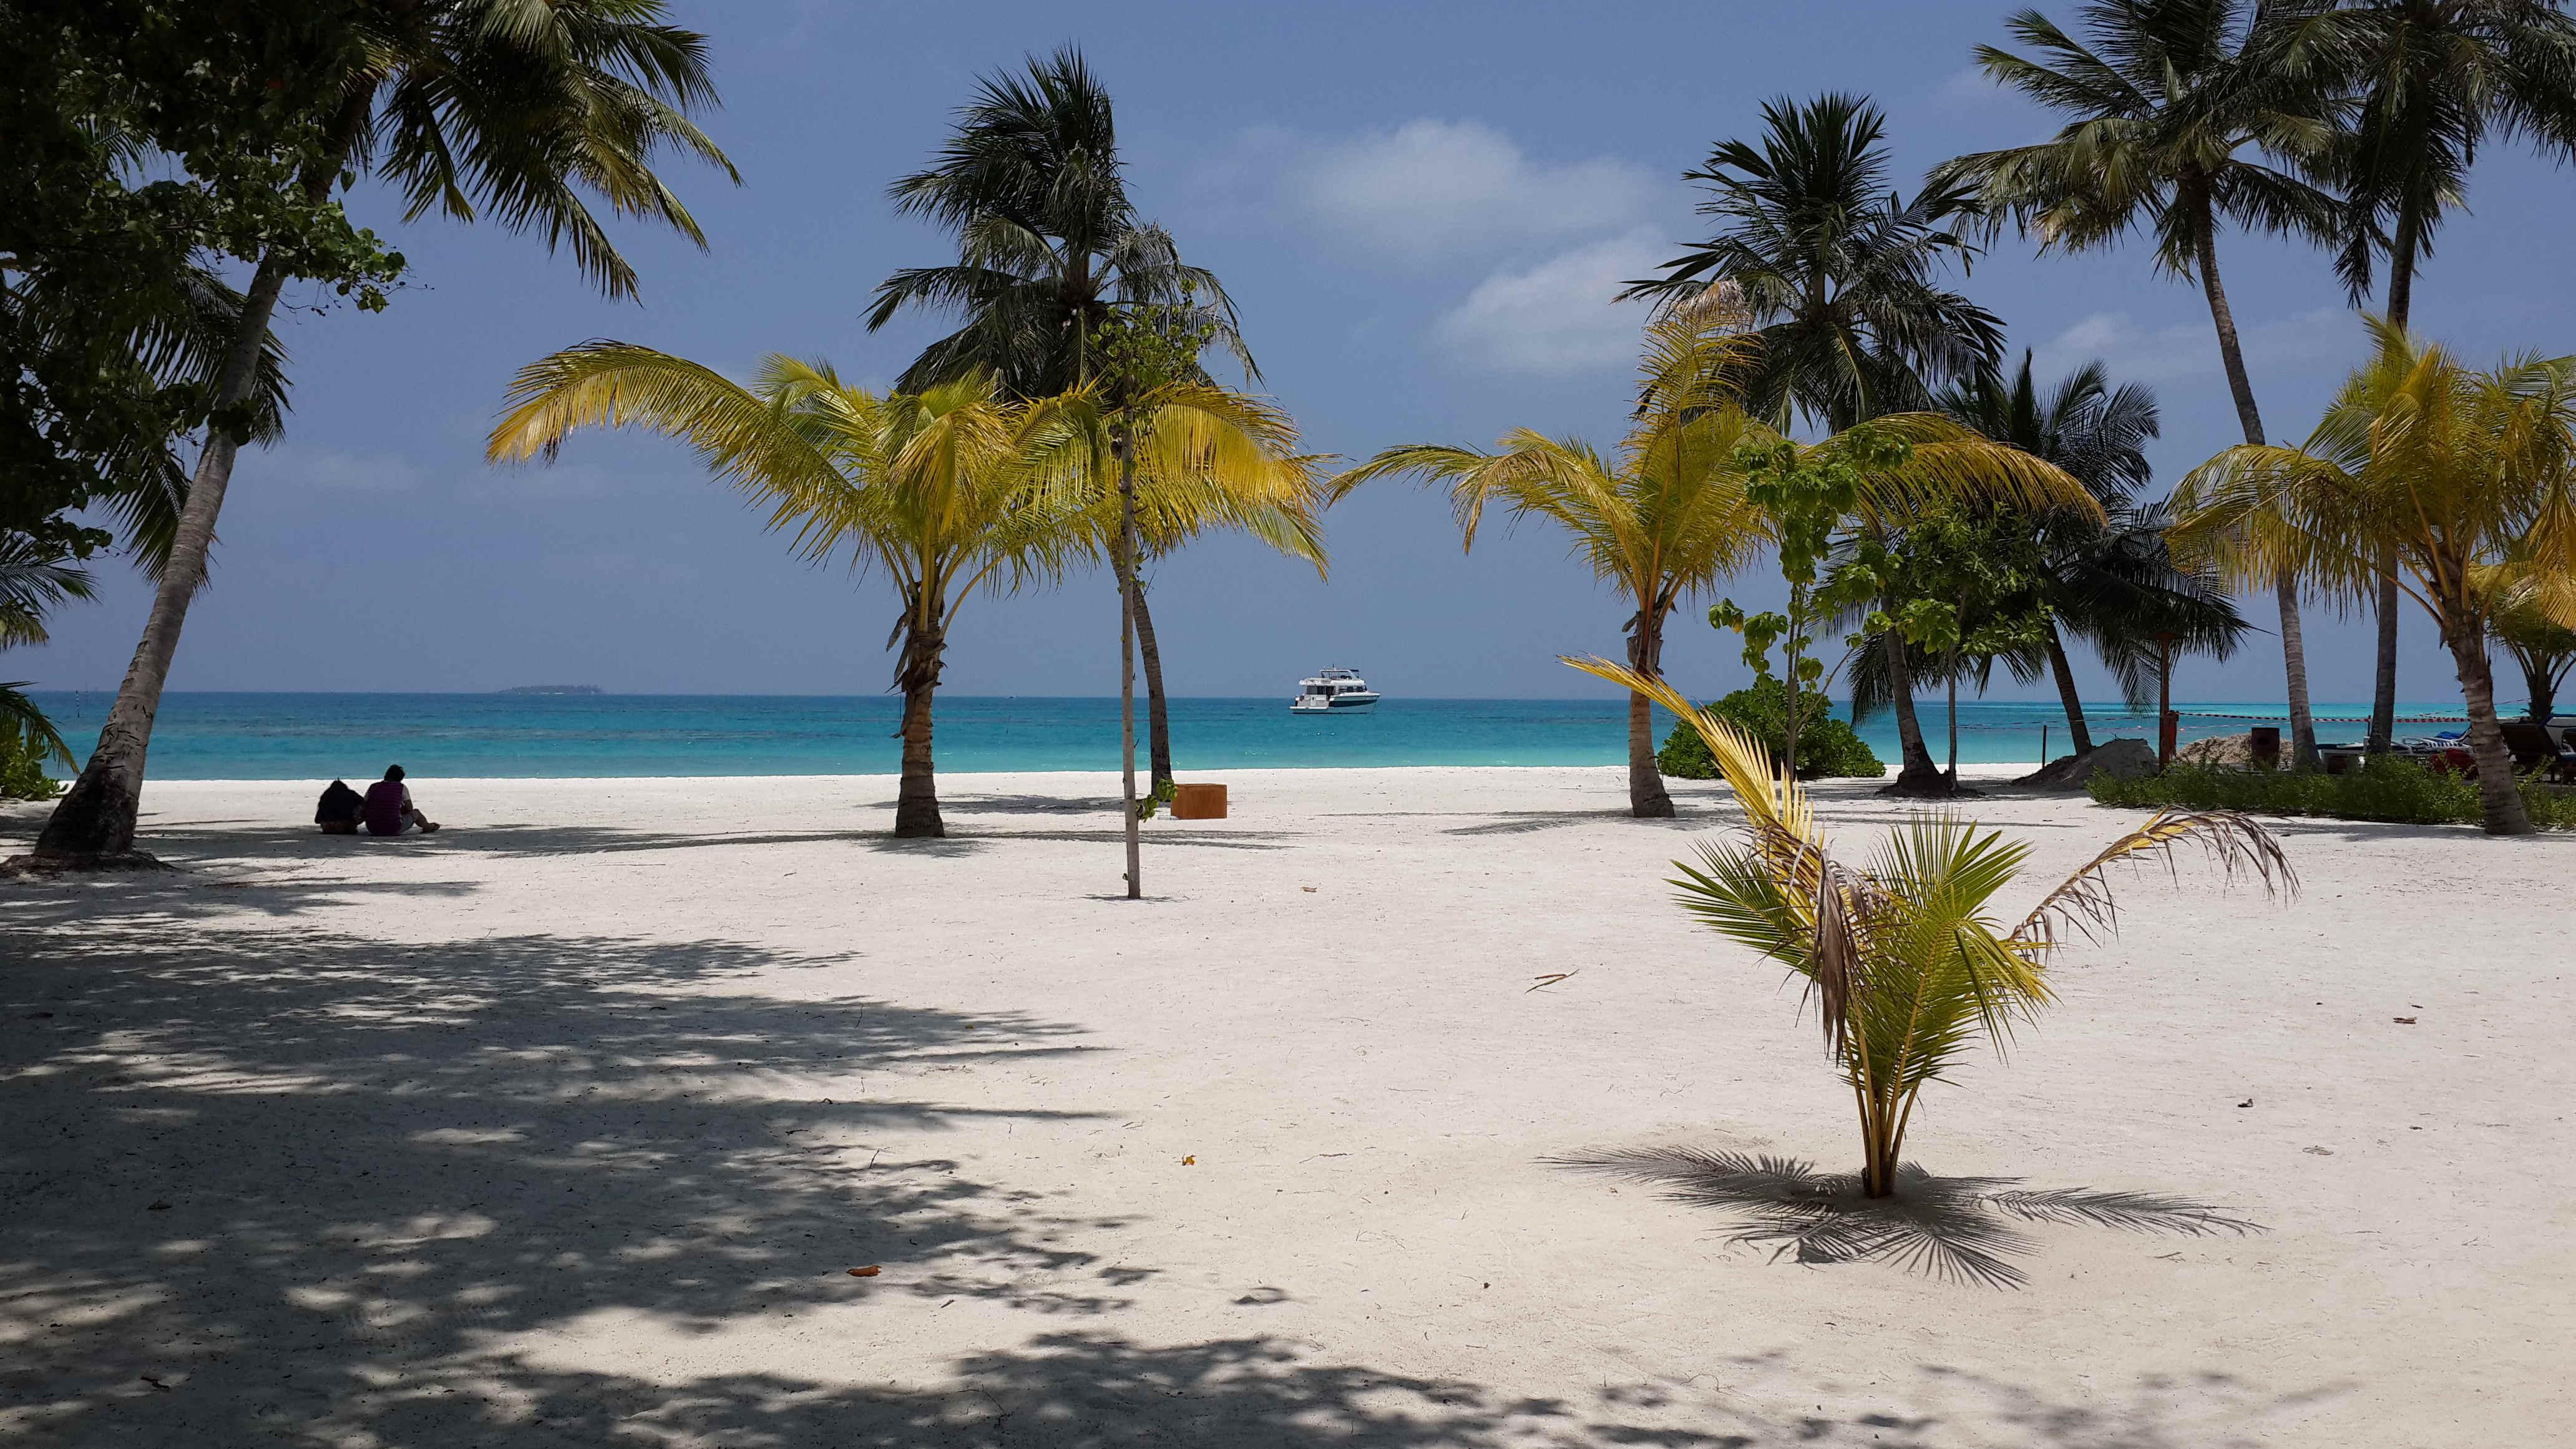 马尔代夫 蜜月岛 我们一家来啦!